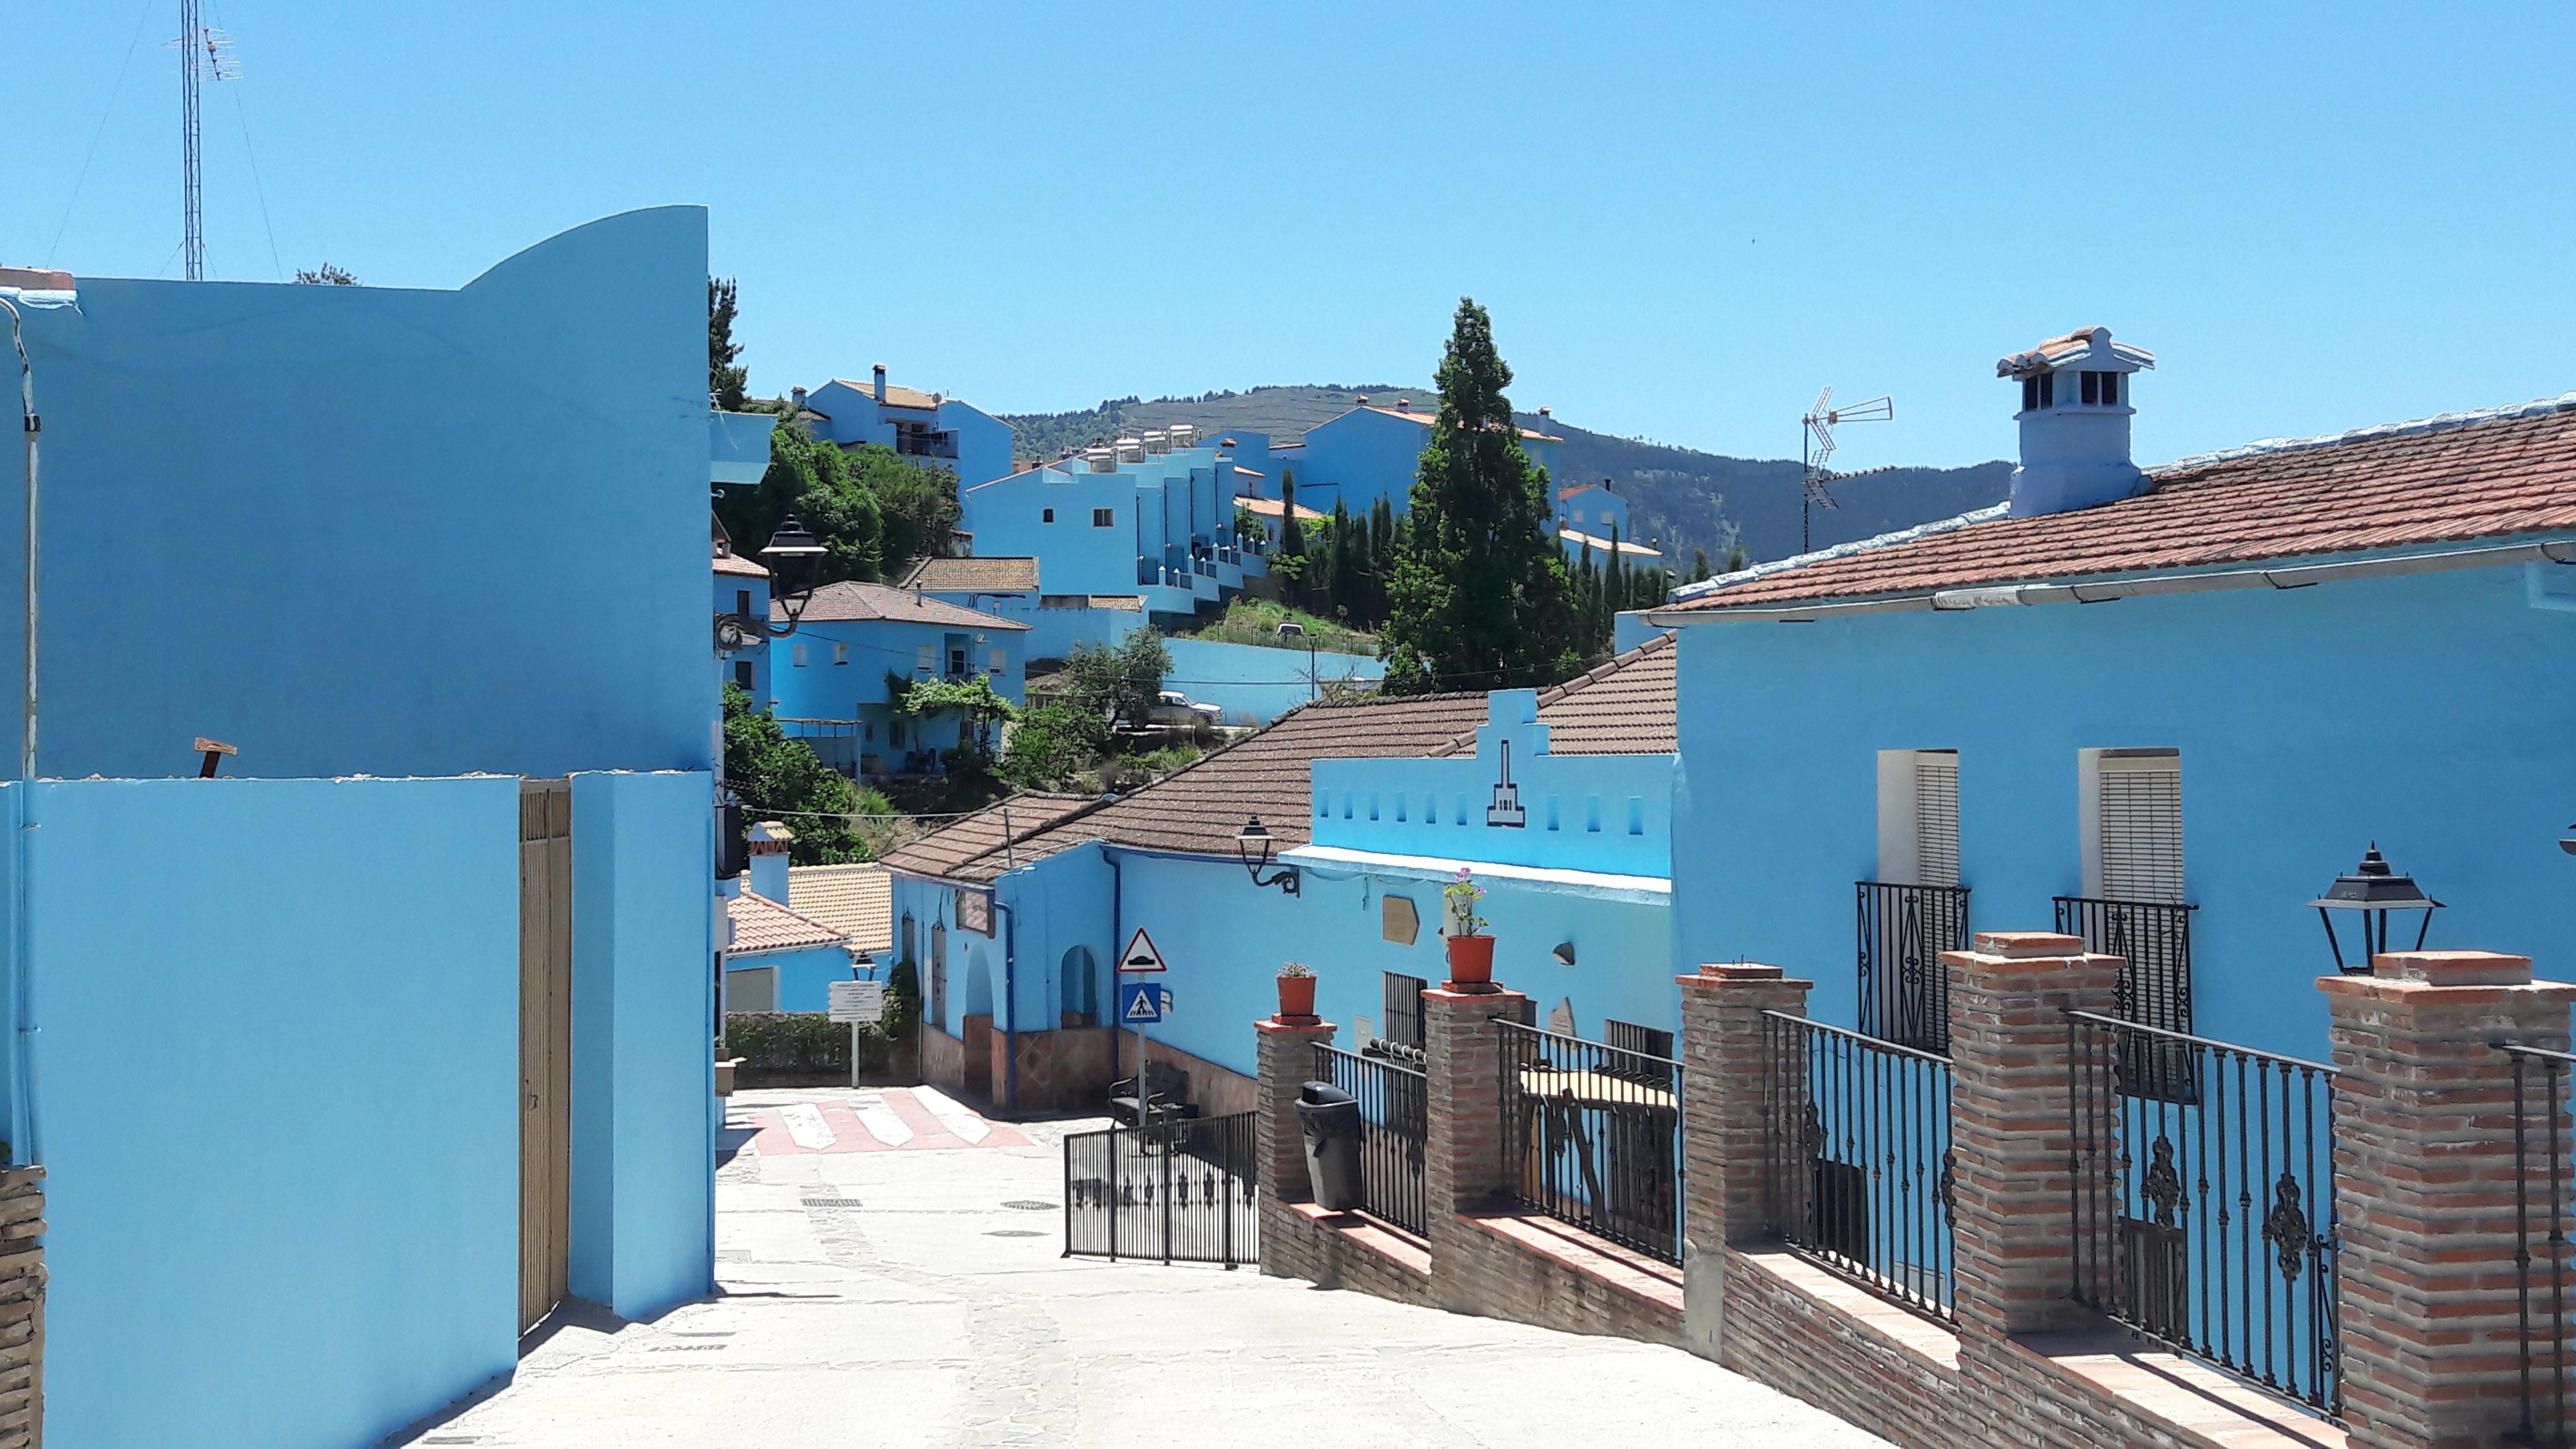 Juzcar blauw dorpje